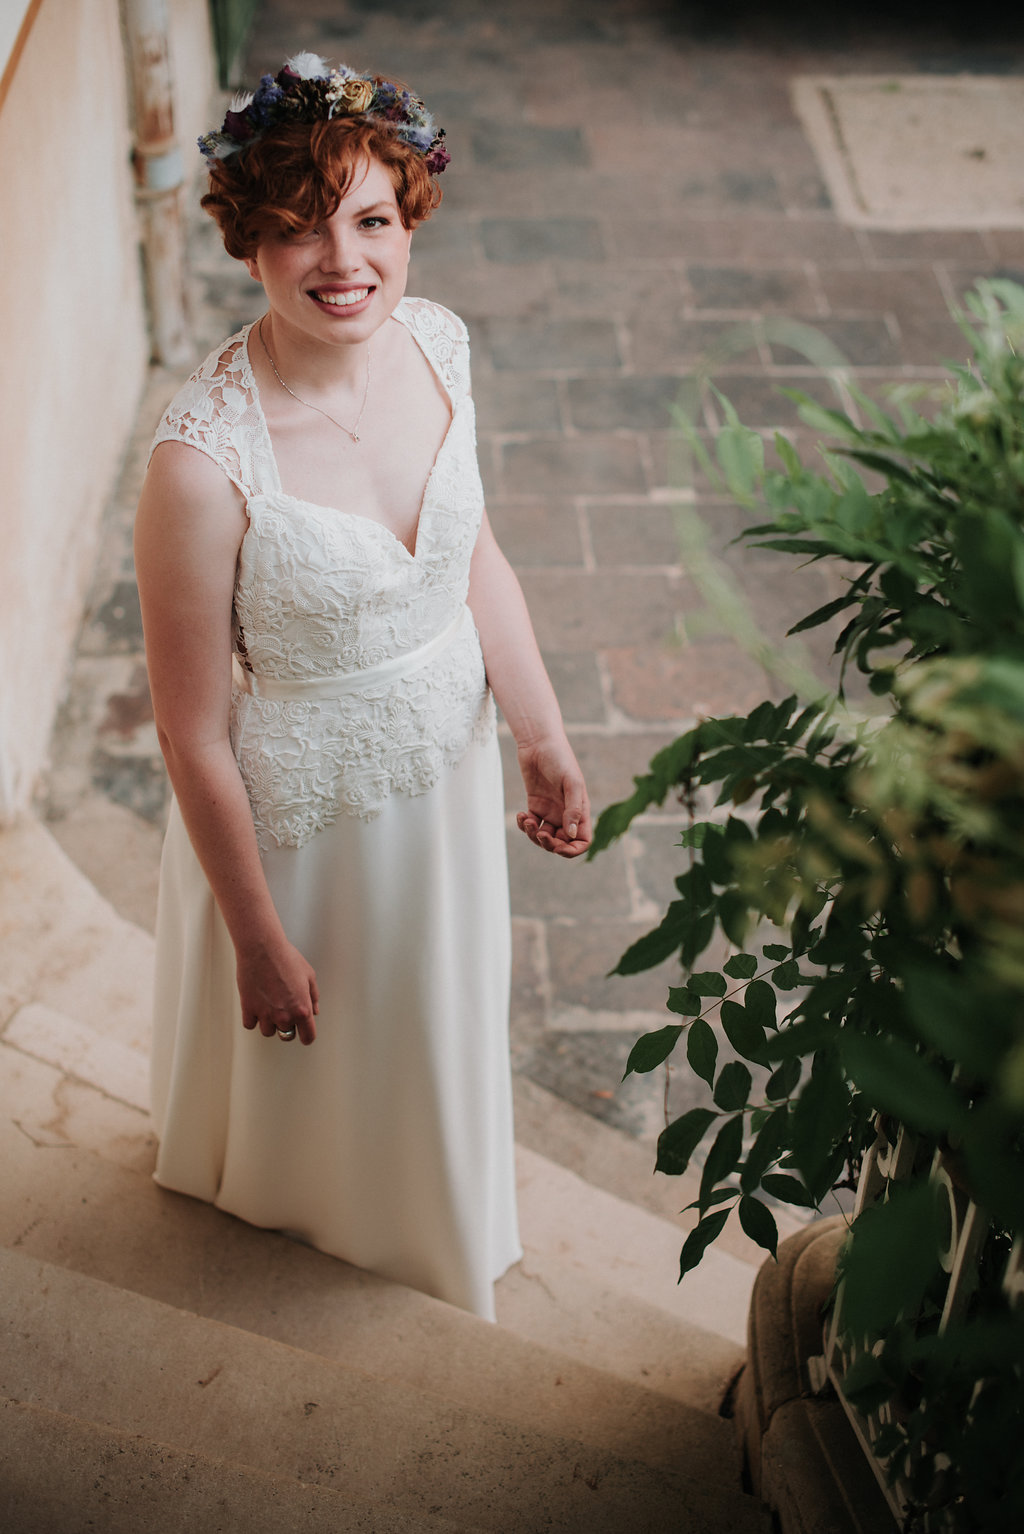 Léa-Fery-photographe-professionnel-lyon-rhone-alpes-portrait-creation-mariage-evenement-evenementiel-famille-7586.jpg